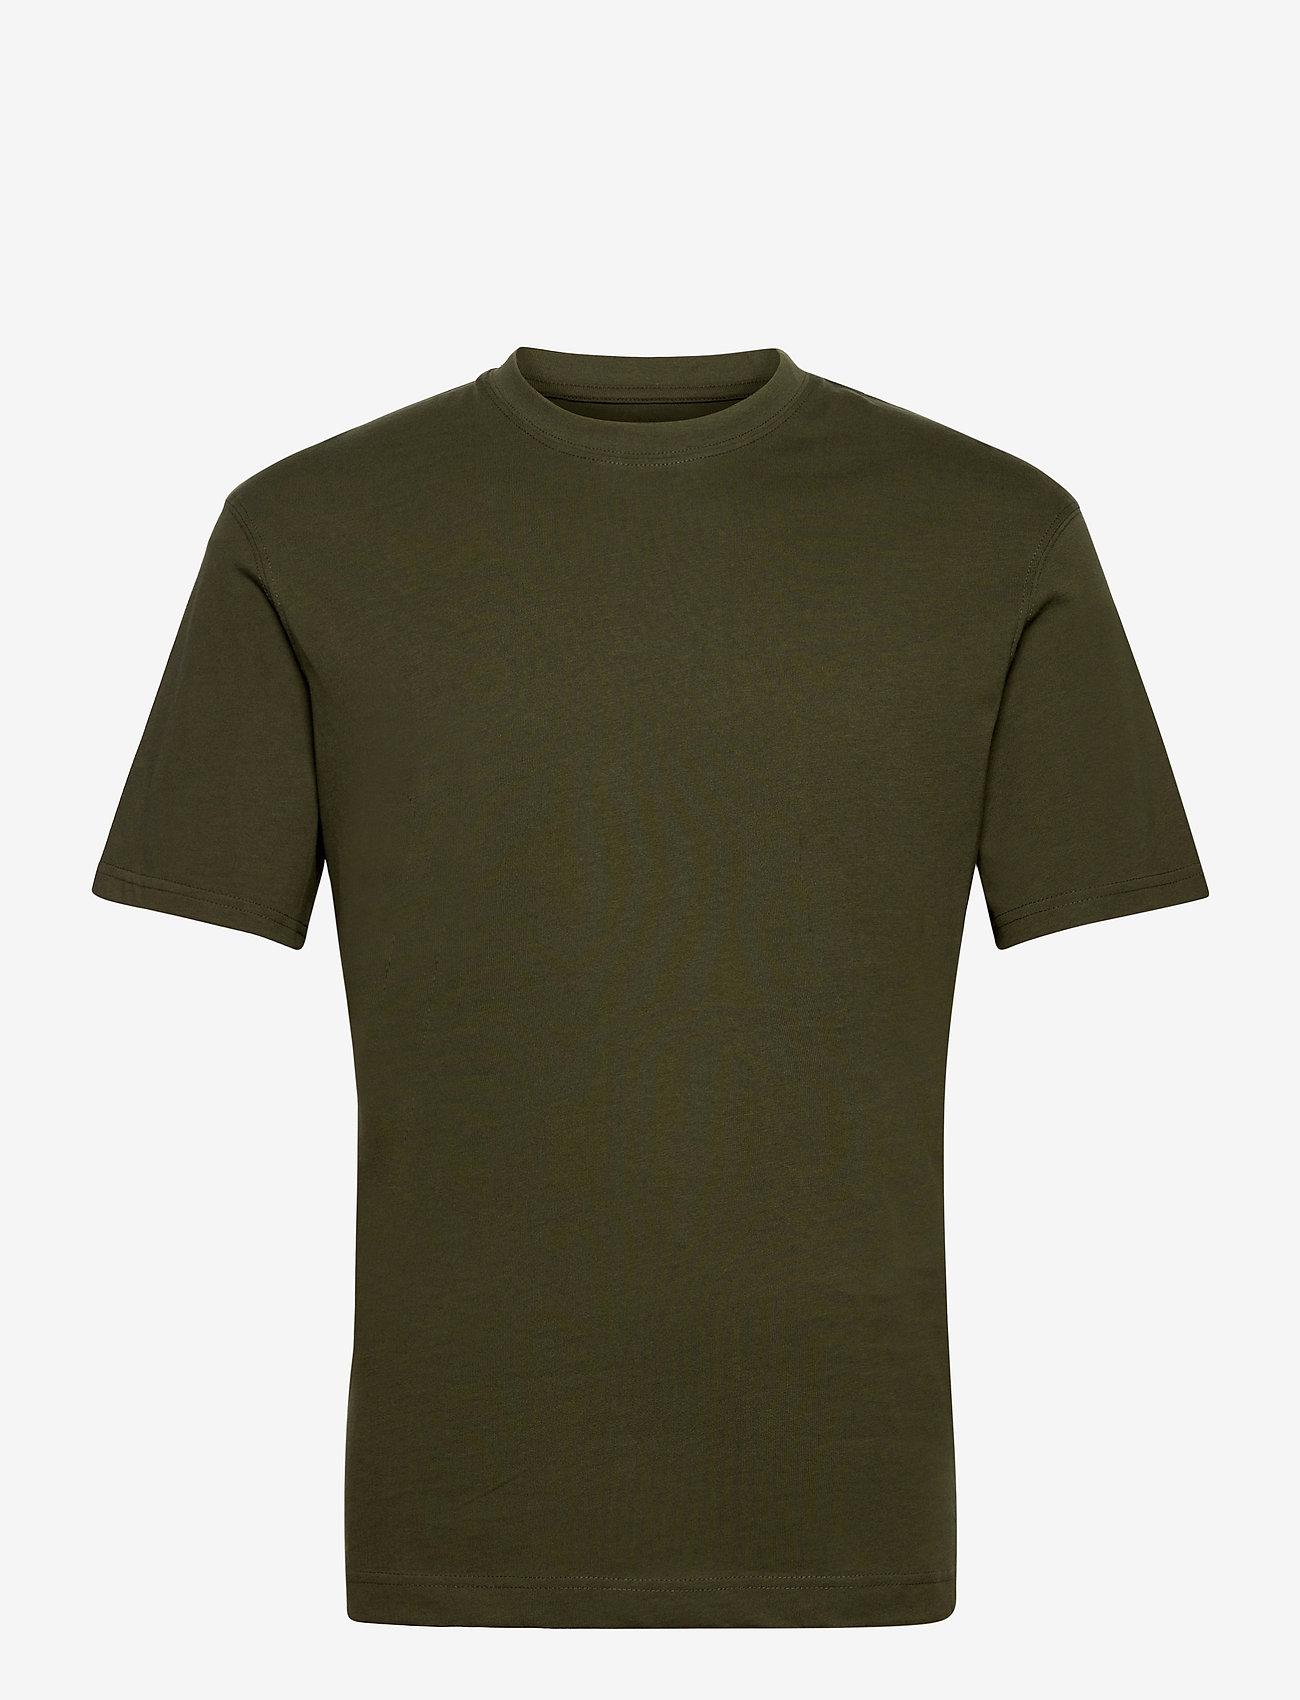 Jack & Jones - JJERELAXED TEE SS O-NECK - basic t-shirts - forest night - 0